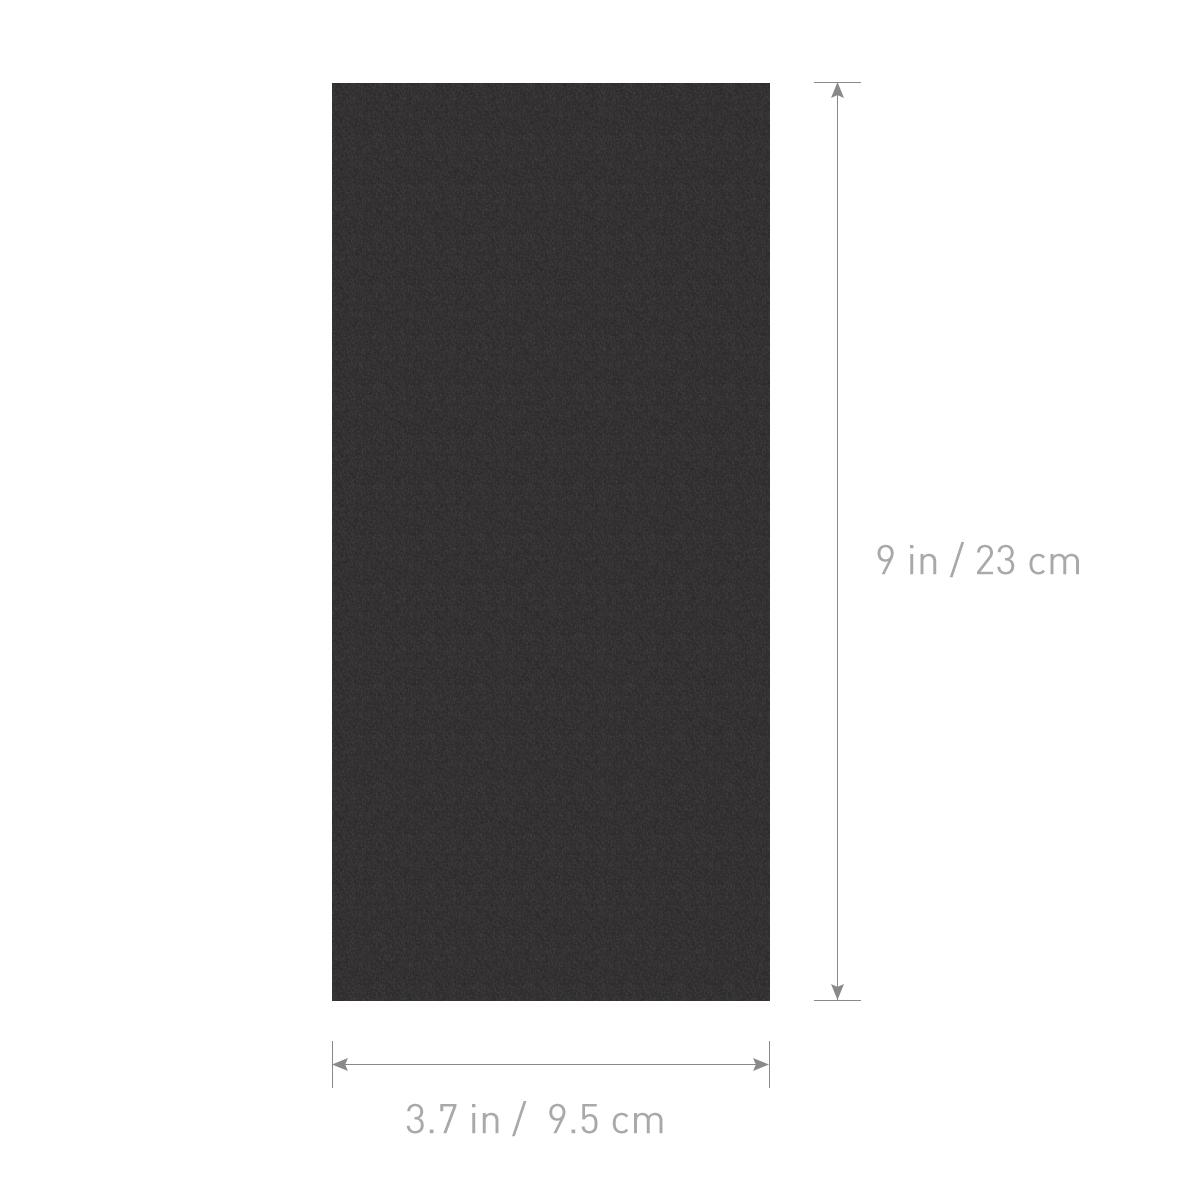 UEETEK 54pcs 60 to 3000 Grit Sandpaper Assortment Wet Dry Sand Paper for Automotive Sanding Wood